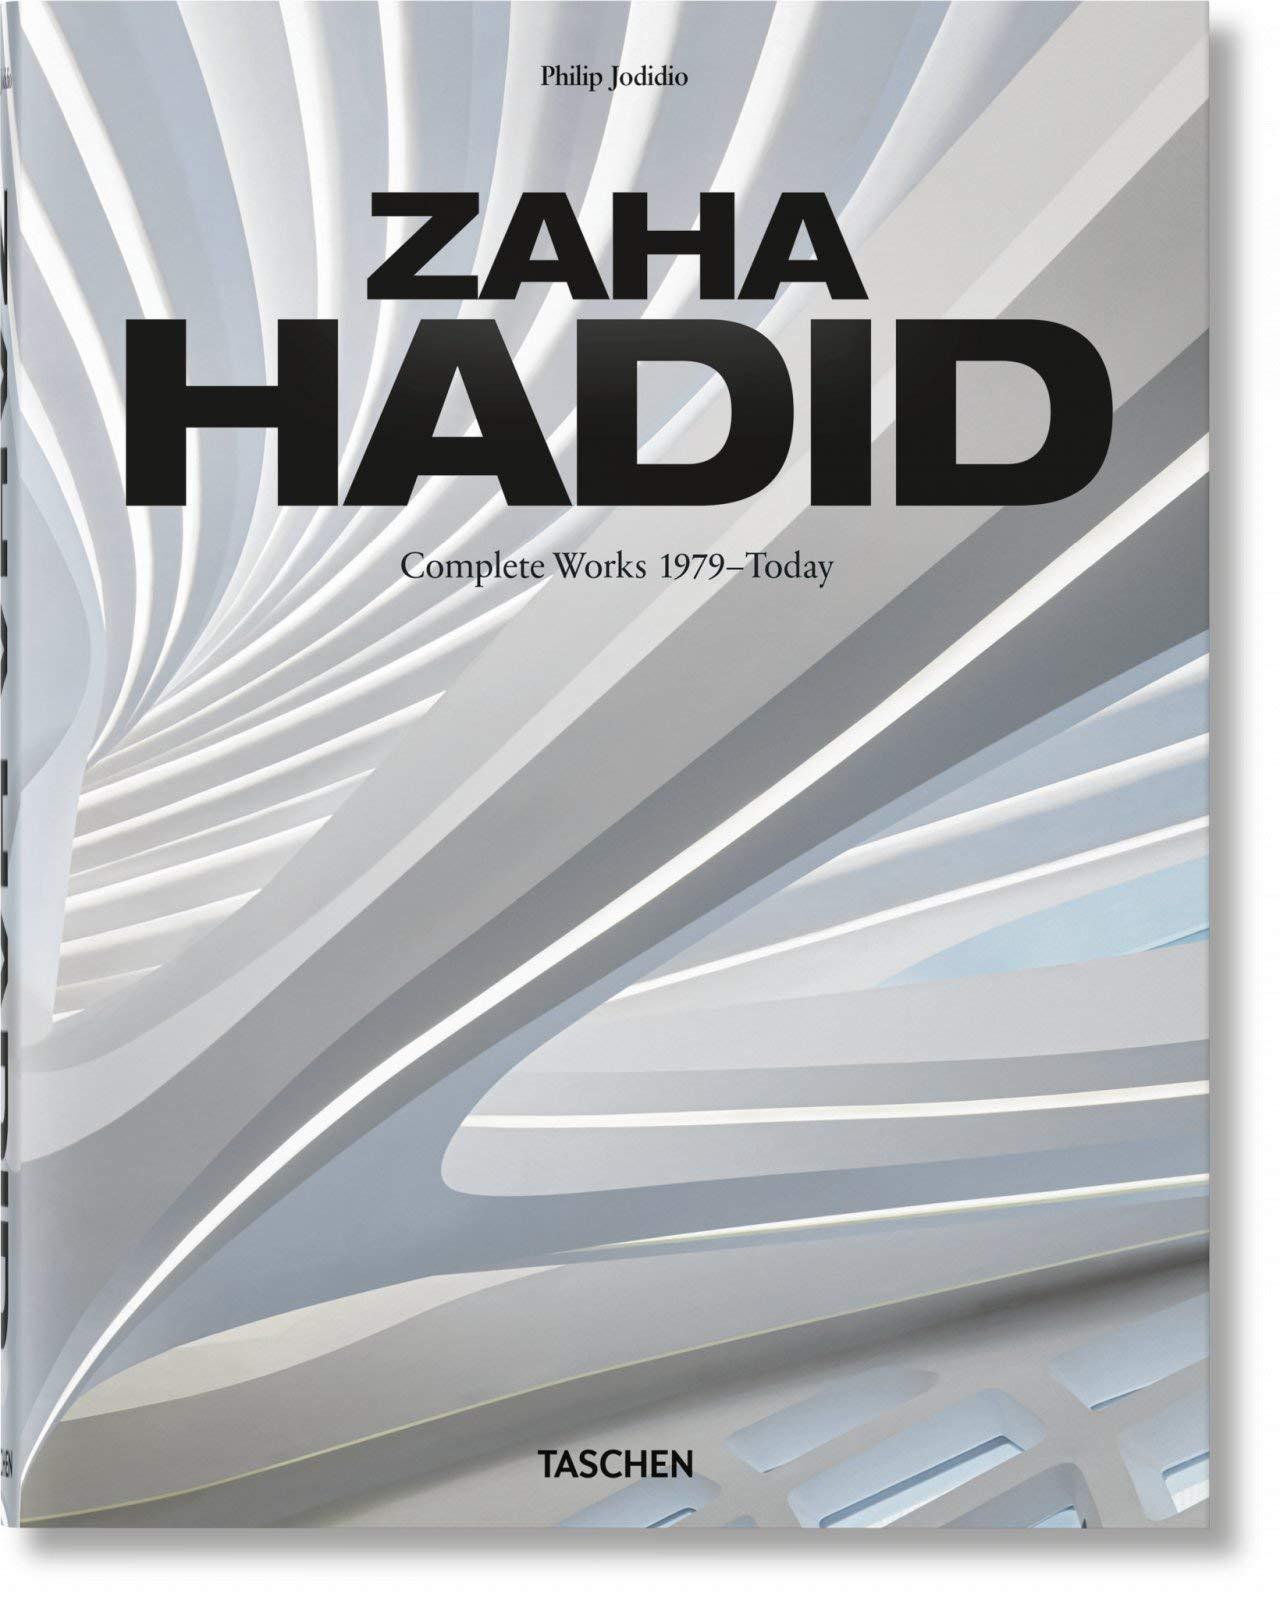 Die besten Bücher für Architekten: Zaha Hadid. Complete Works 1979–Today.